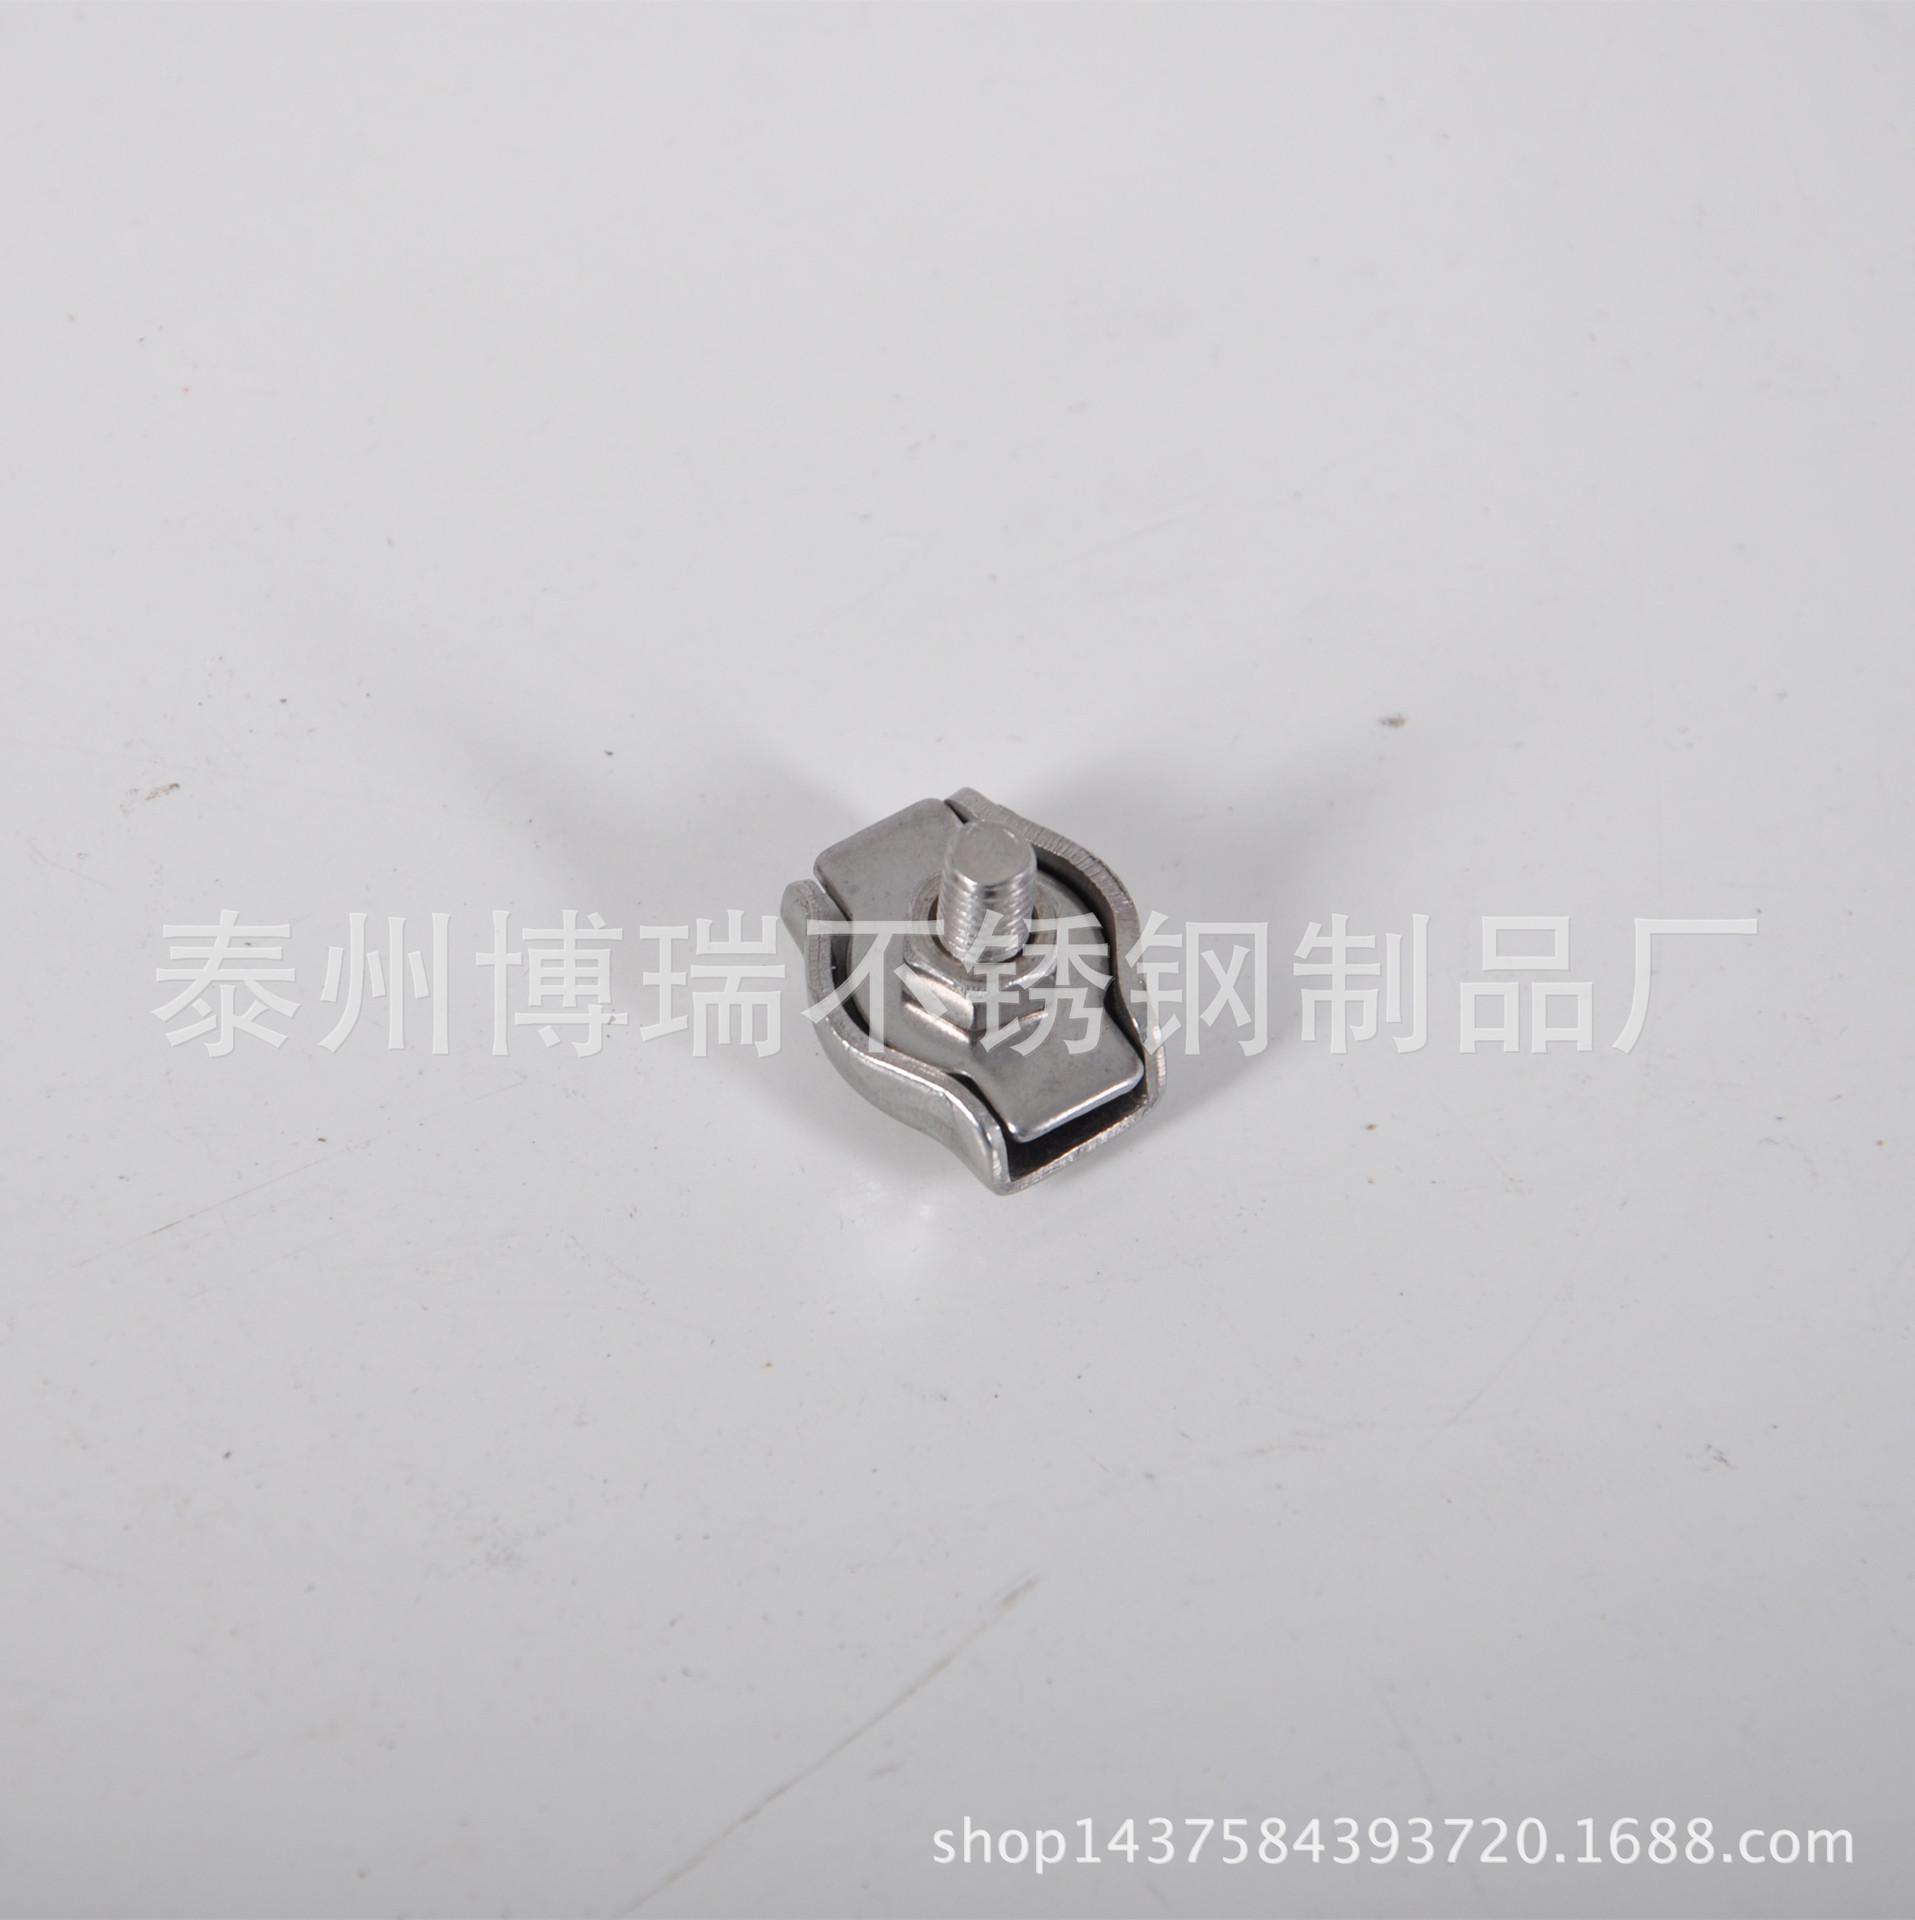 DSC_0898_副本